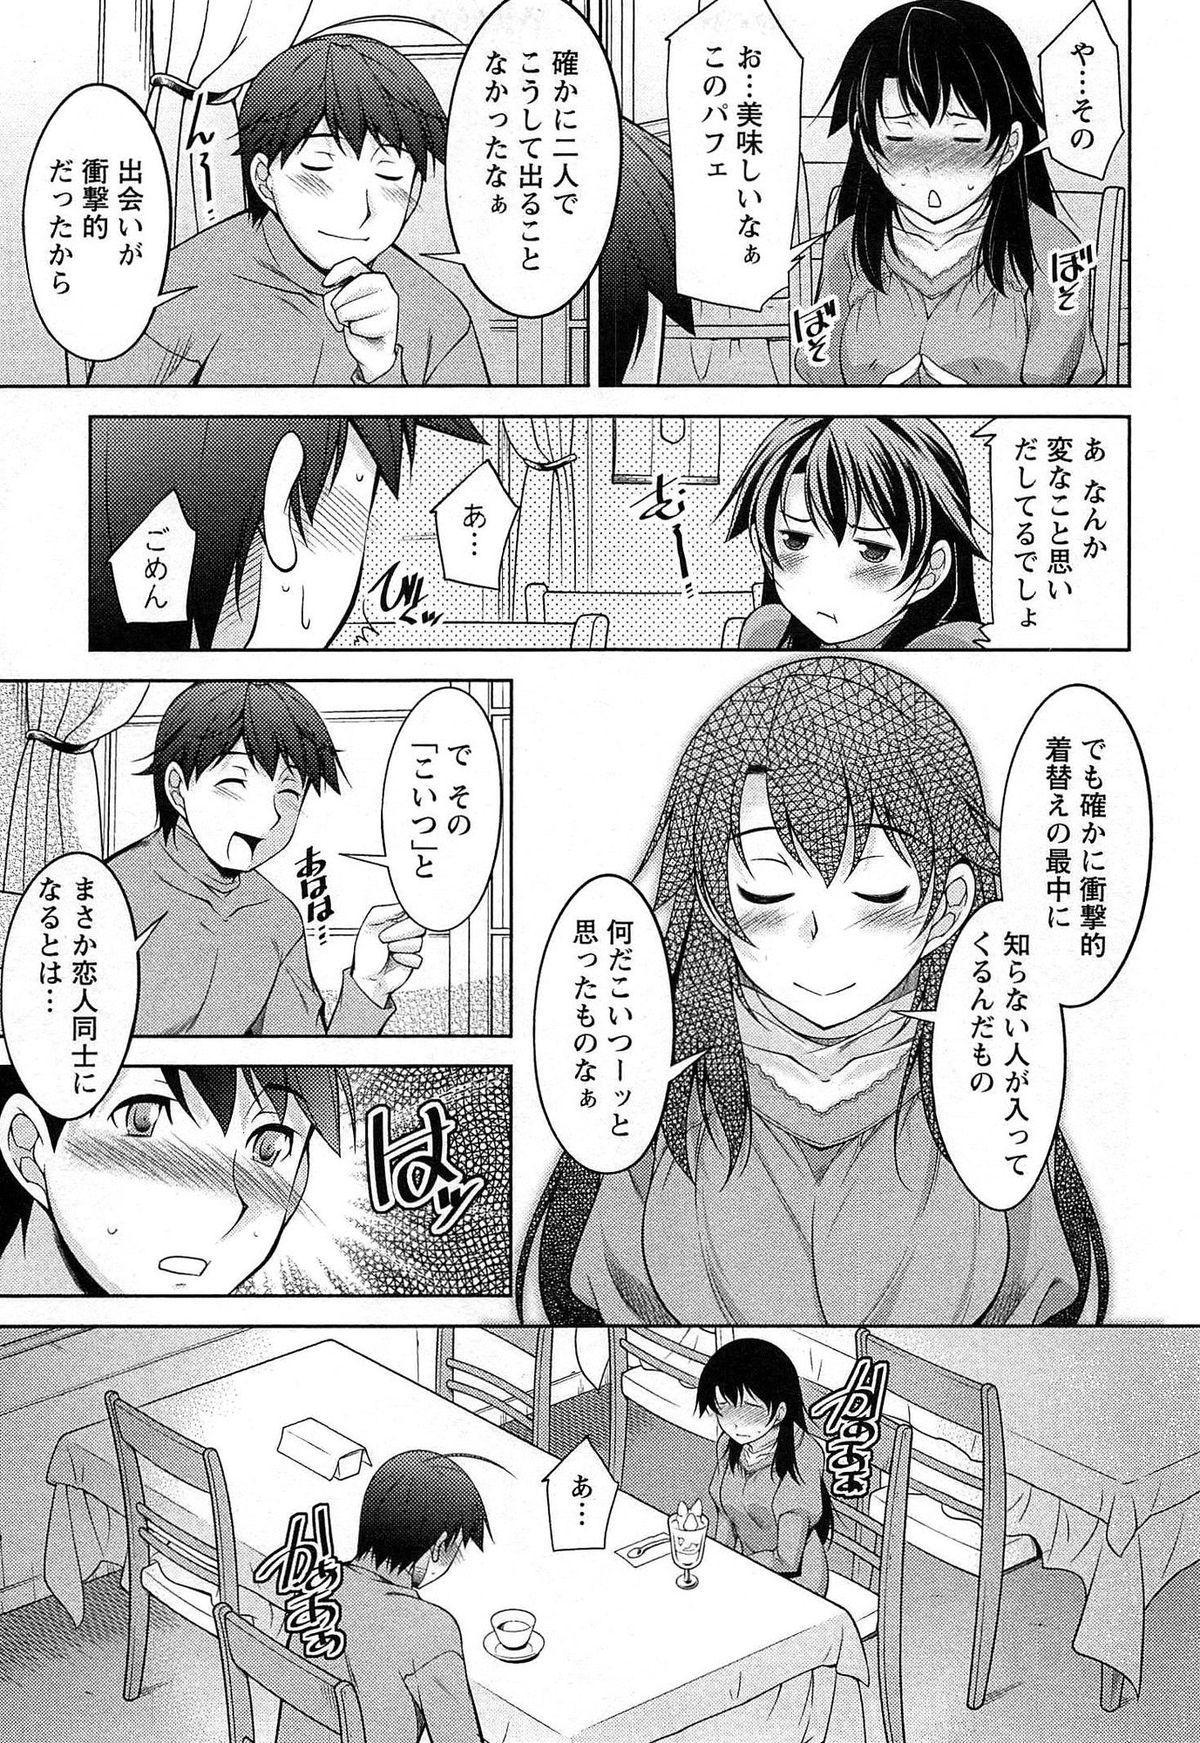 [zen9] Tsuki-wo Ai-Shite - Tsuki-ni Koi-shite 2 45